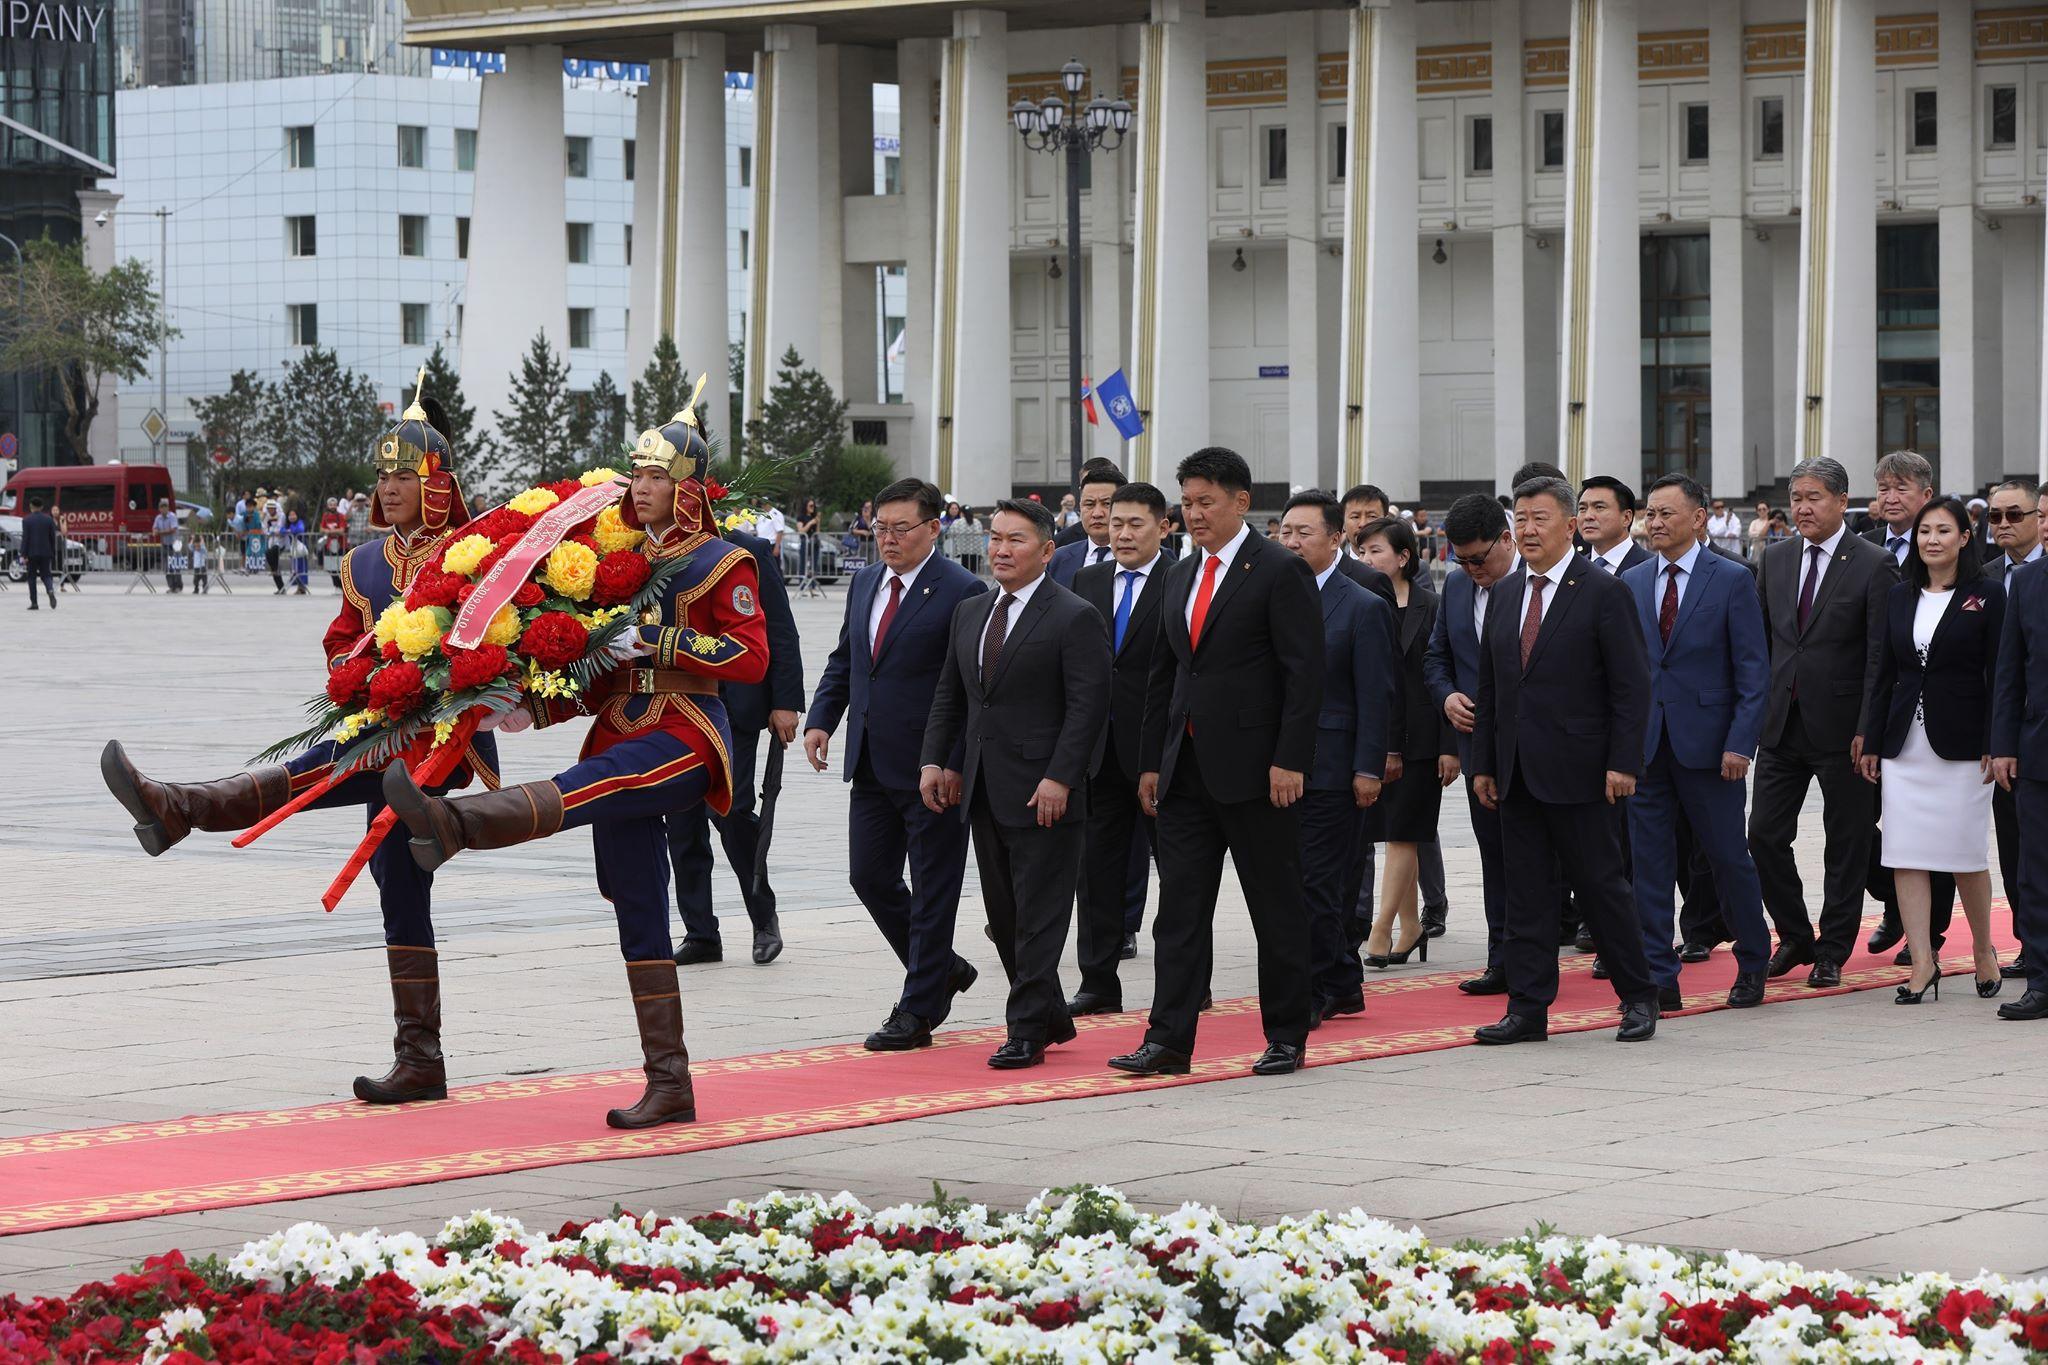 Ерөнхийлөгч жанжин Д.Сүхбаатарын хөшөөнд цэцэг өргөж, Чингис хааны хөшөөнд хүндэтгэл үзүүллээ